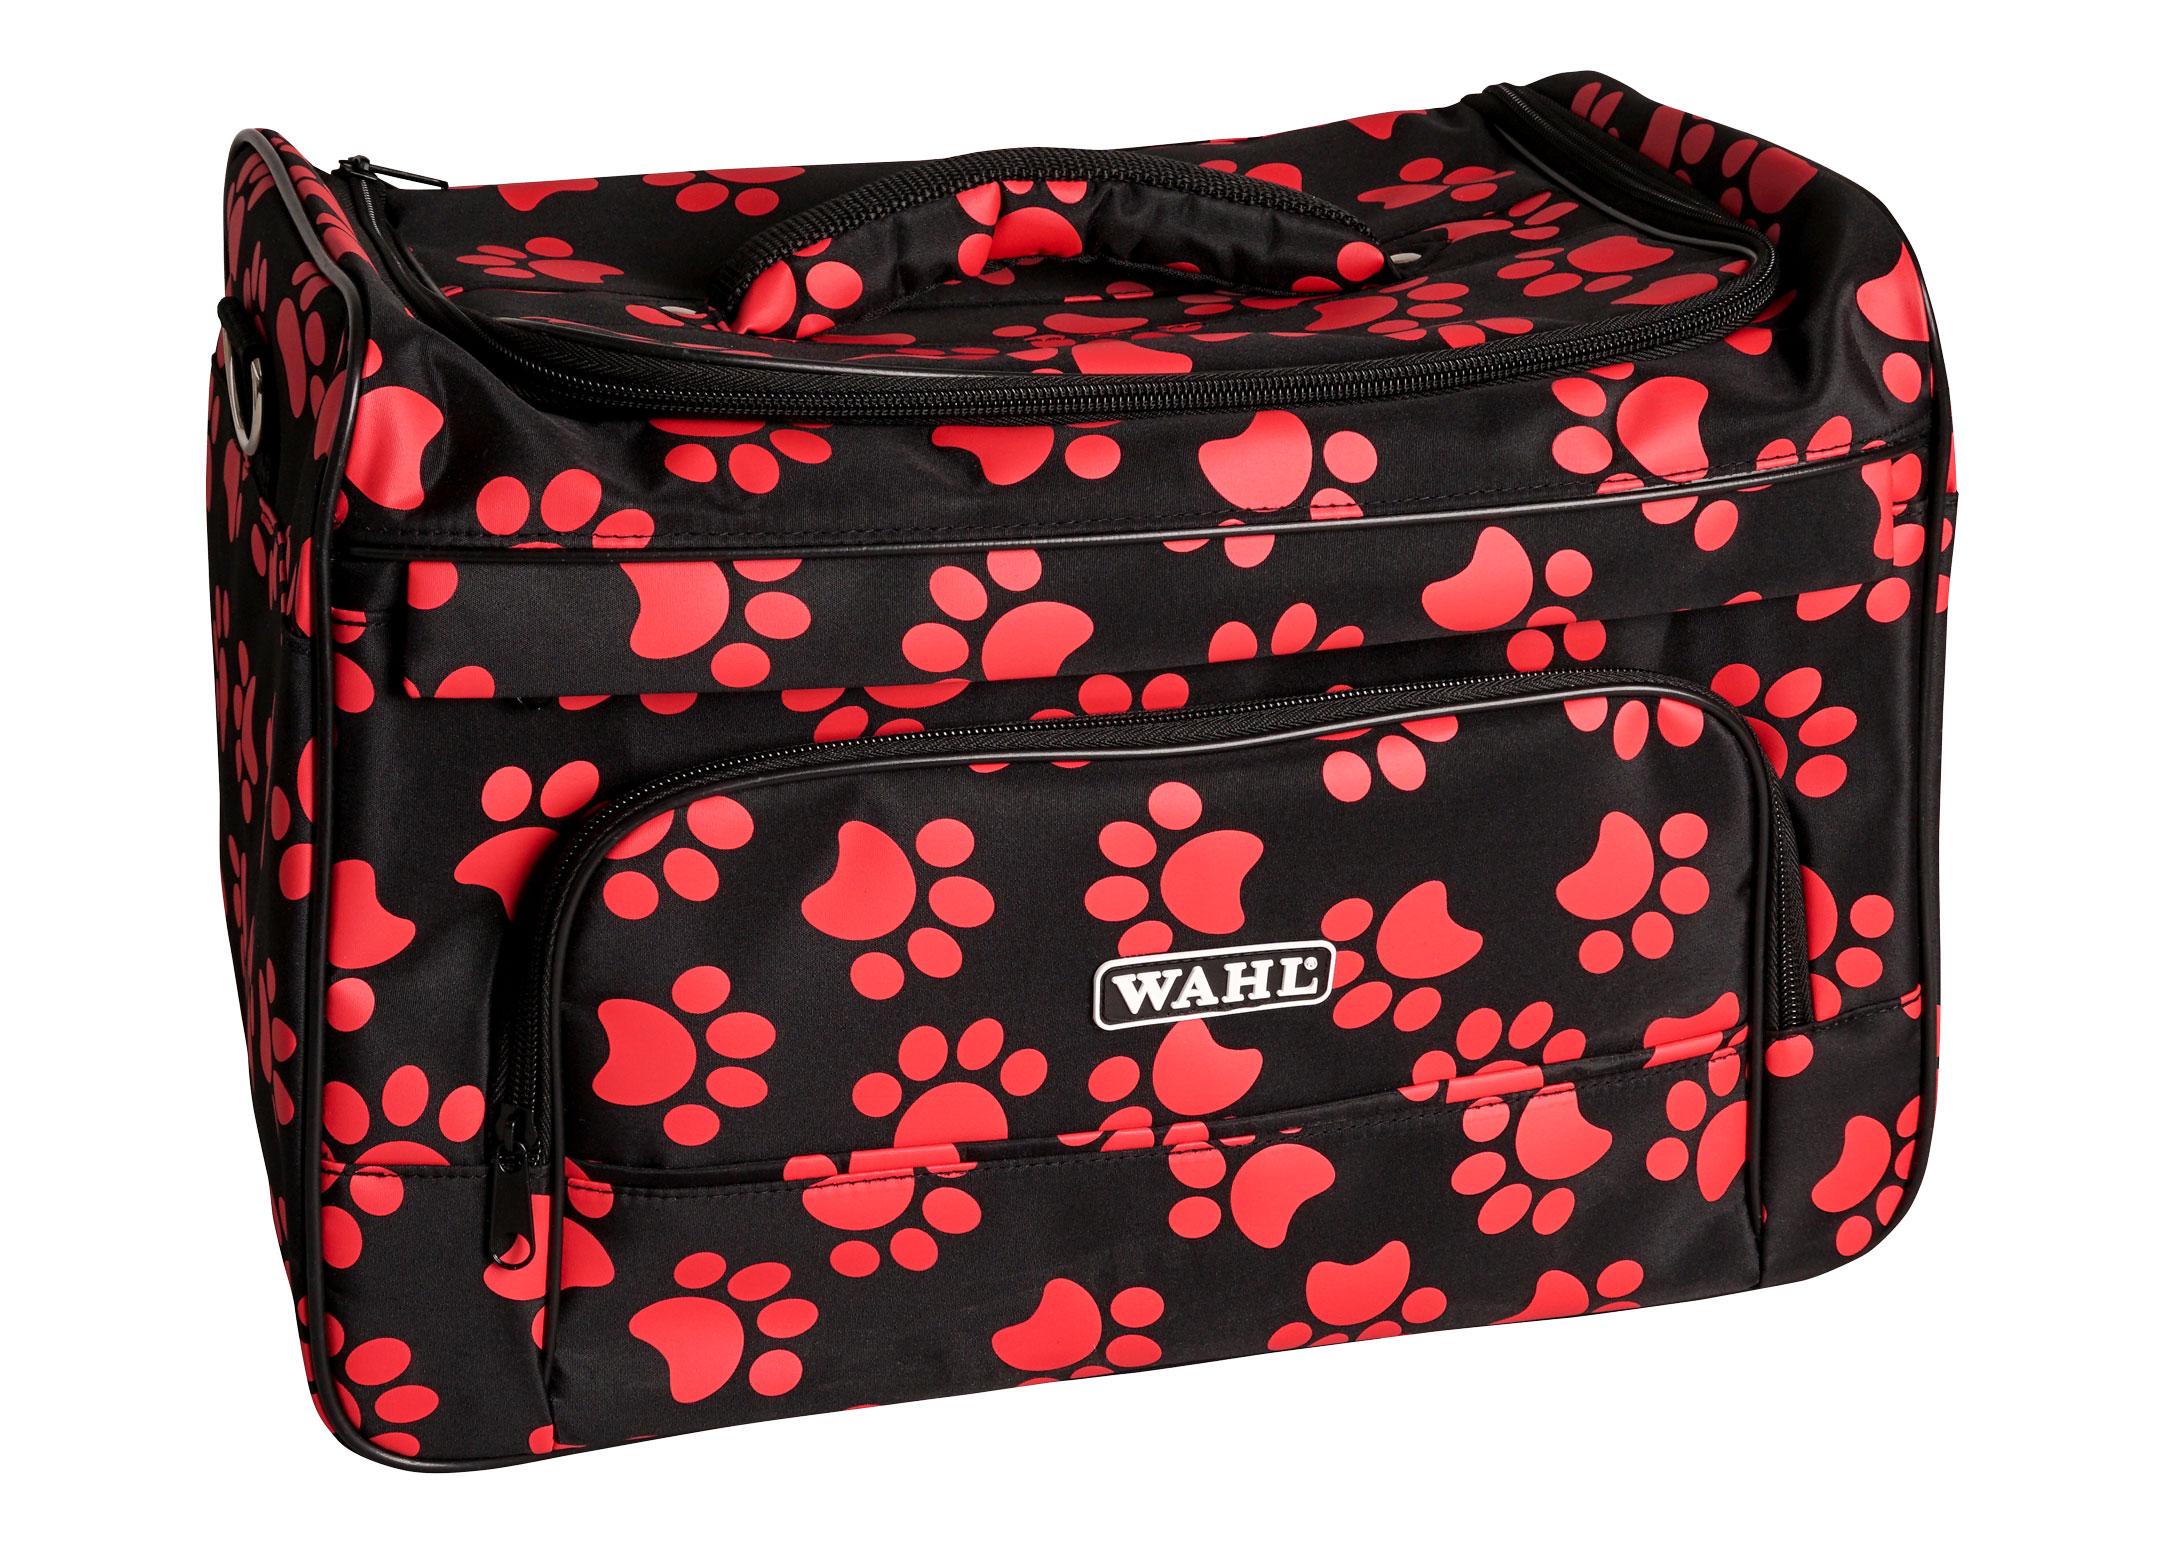 Wahl Groomers Sac avec dessin de patte Noir-Rouge Paws Sac de voyage